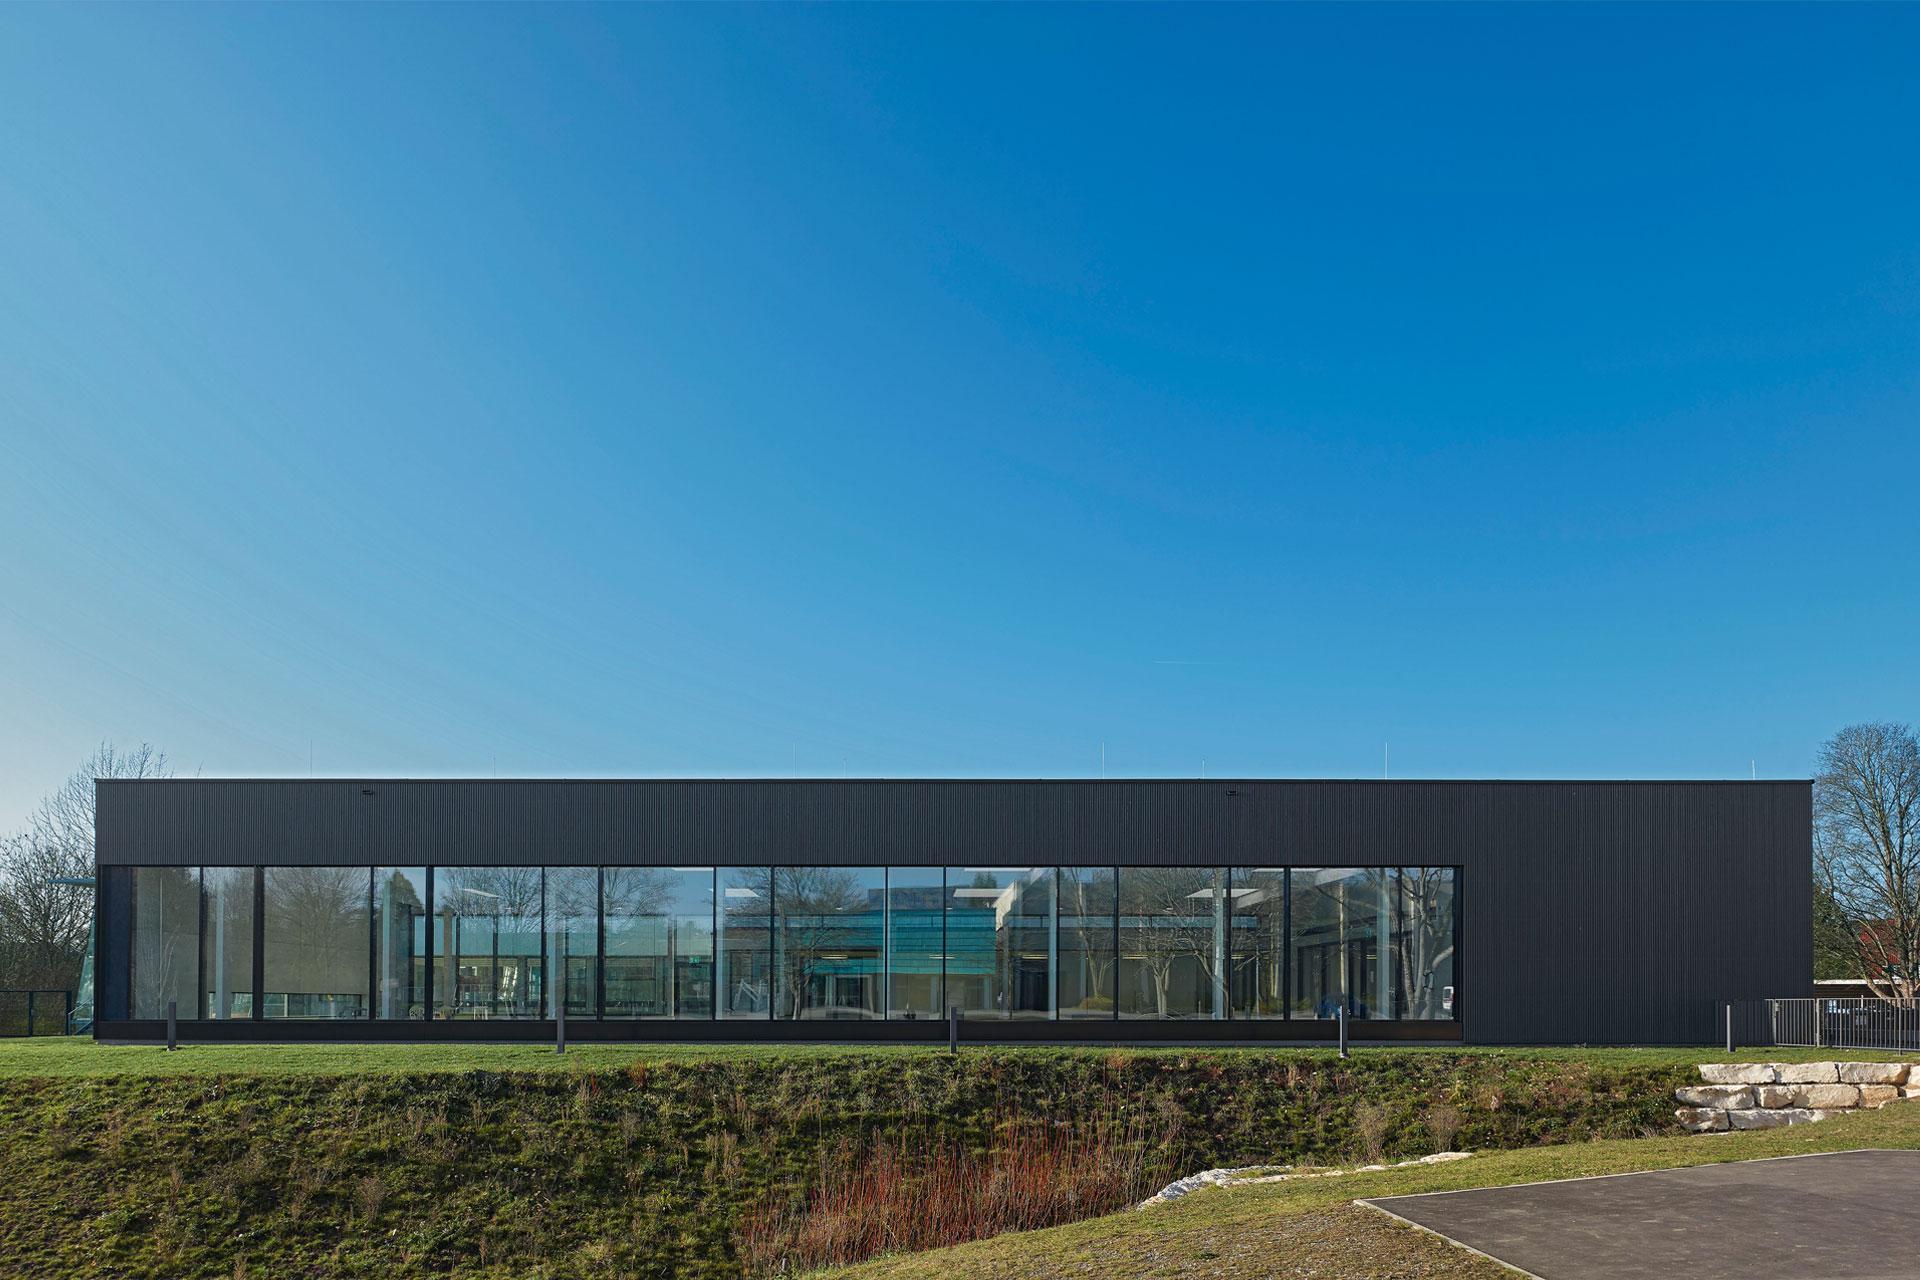 Hallenbad Holzfassade Neubau Pfosten Riegel